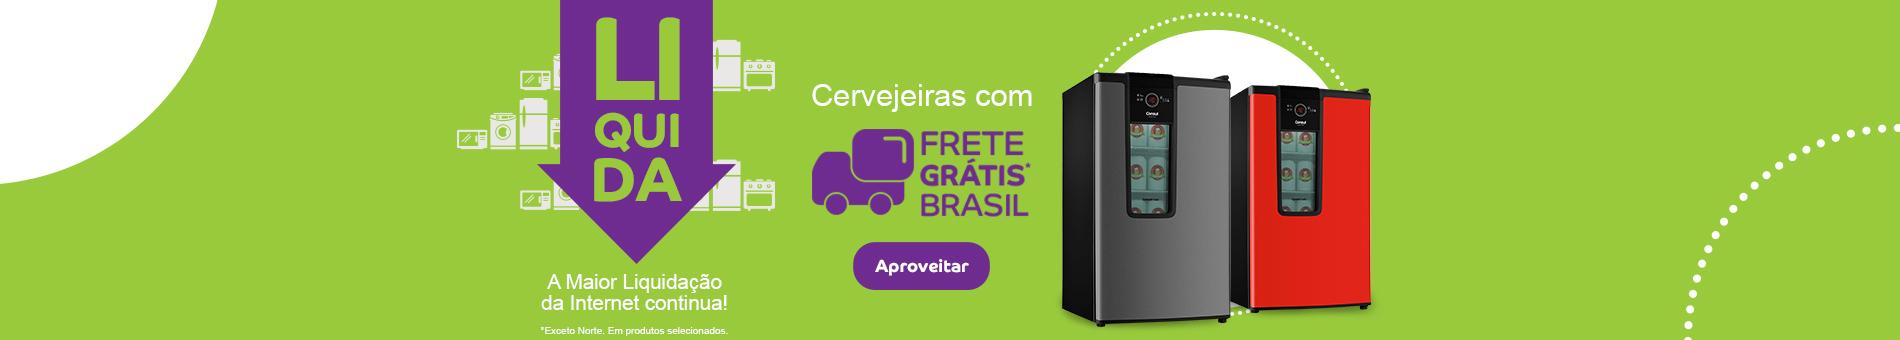 Promoção Interna - 735 - liquidaconsul_cervejeiras_home3_24082016 - cervejeiras - 3